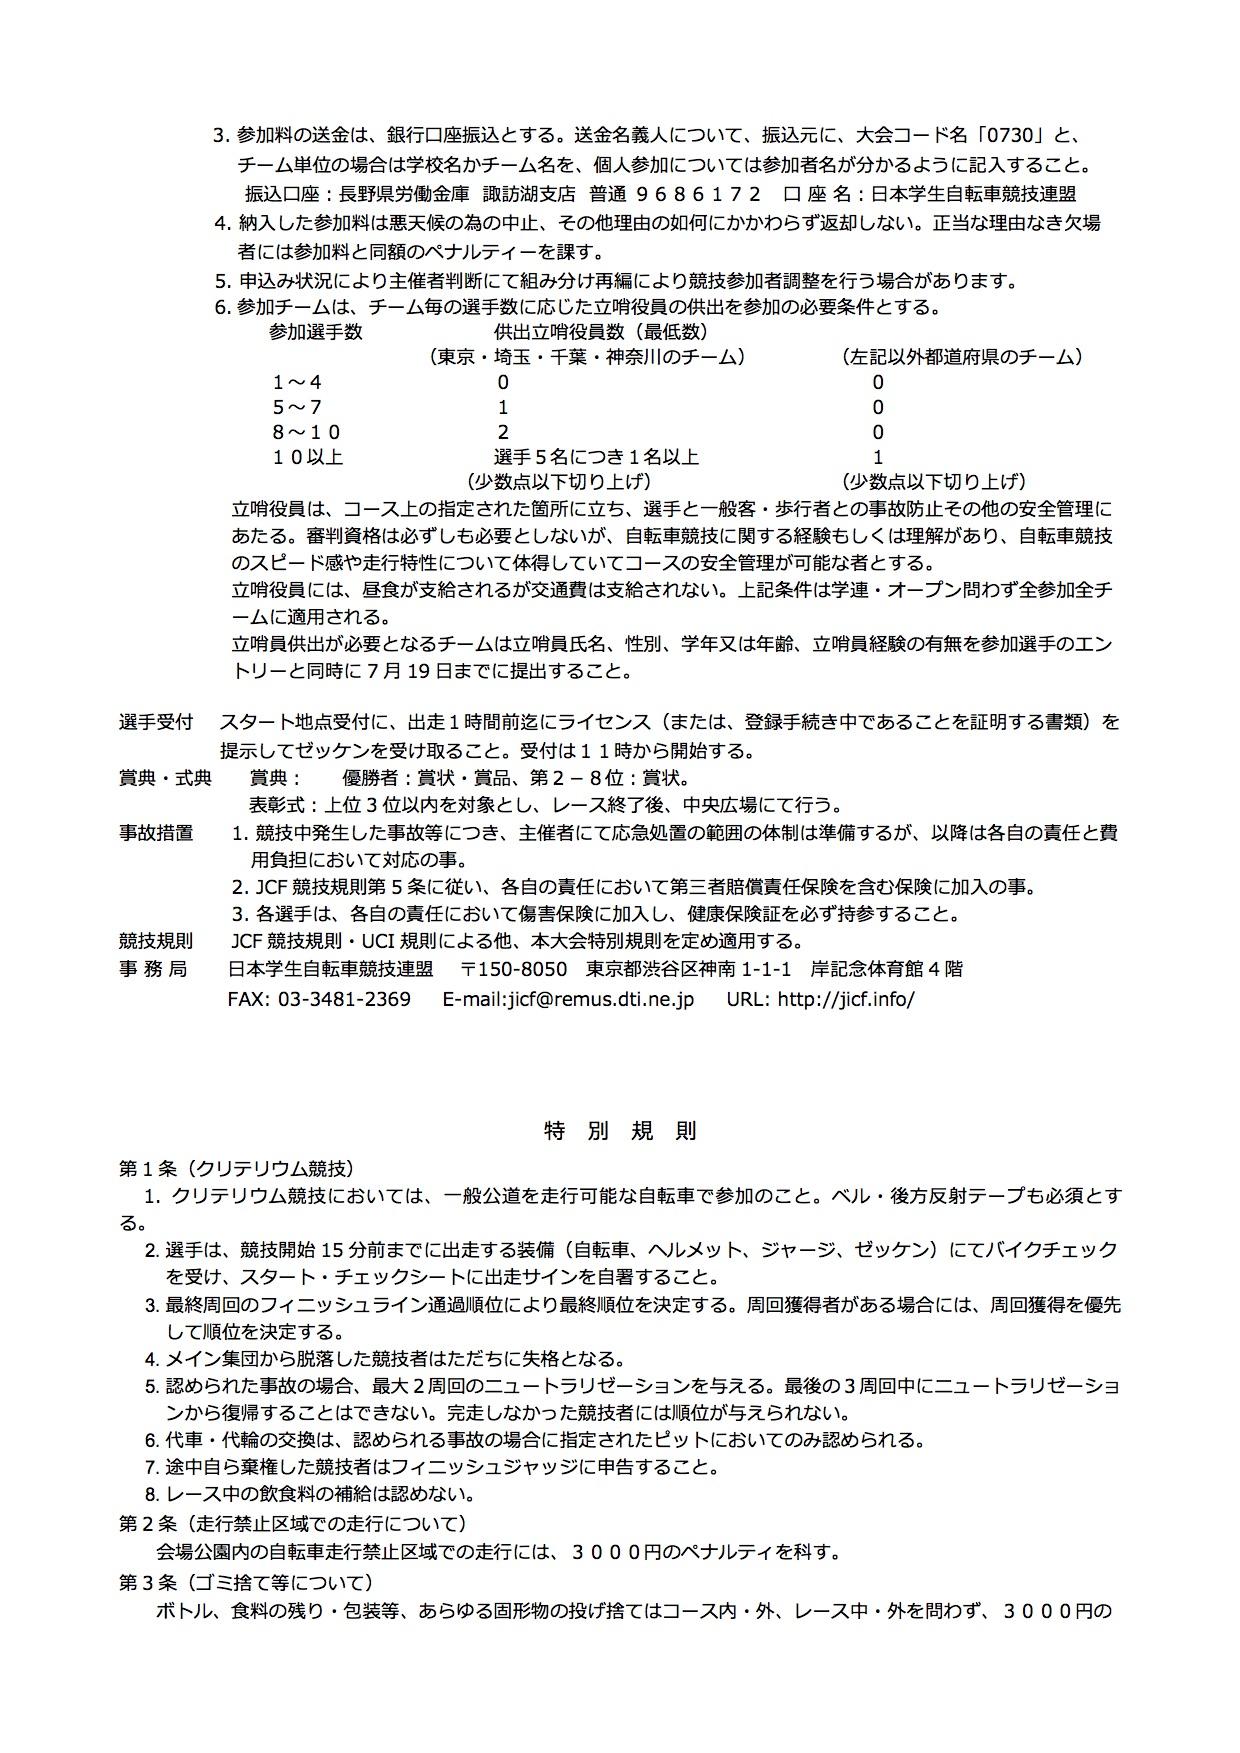 16rcs05_yoko_160727_2